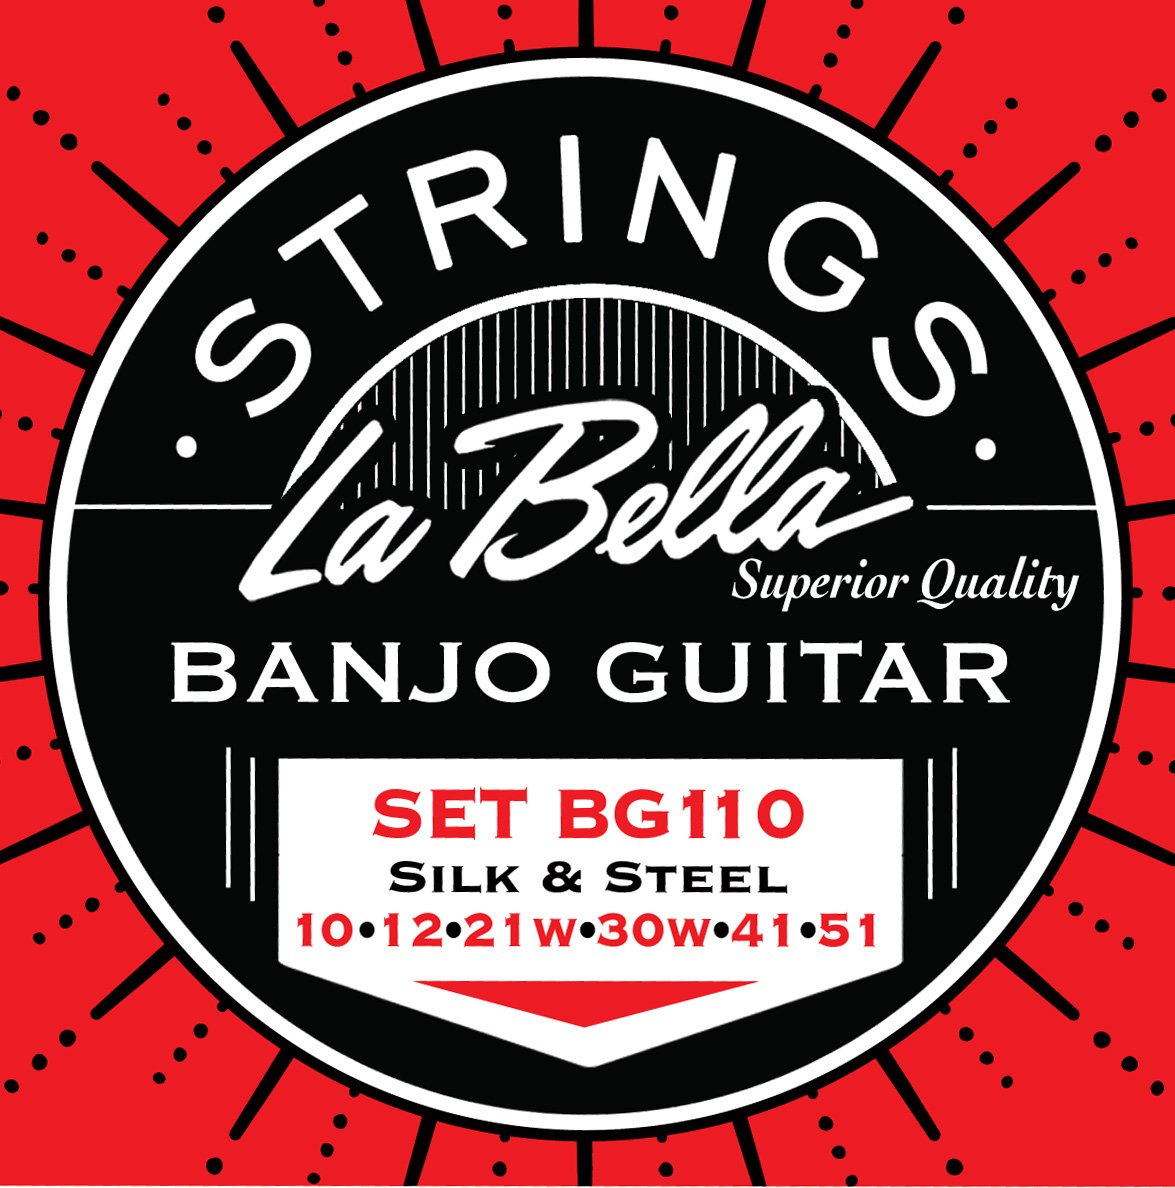 LaBella BG110 Stainless Steel Banjo Strings, Light